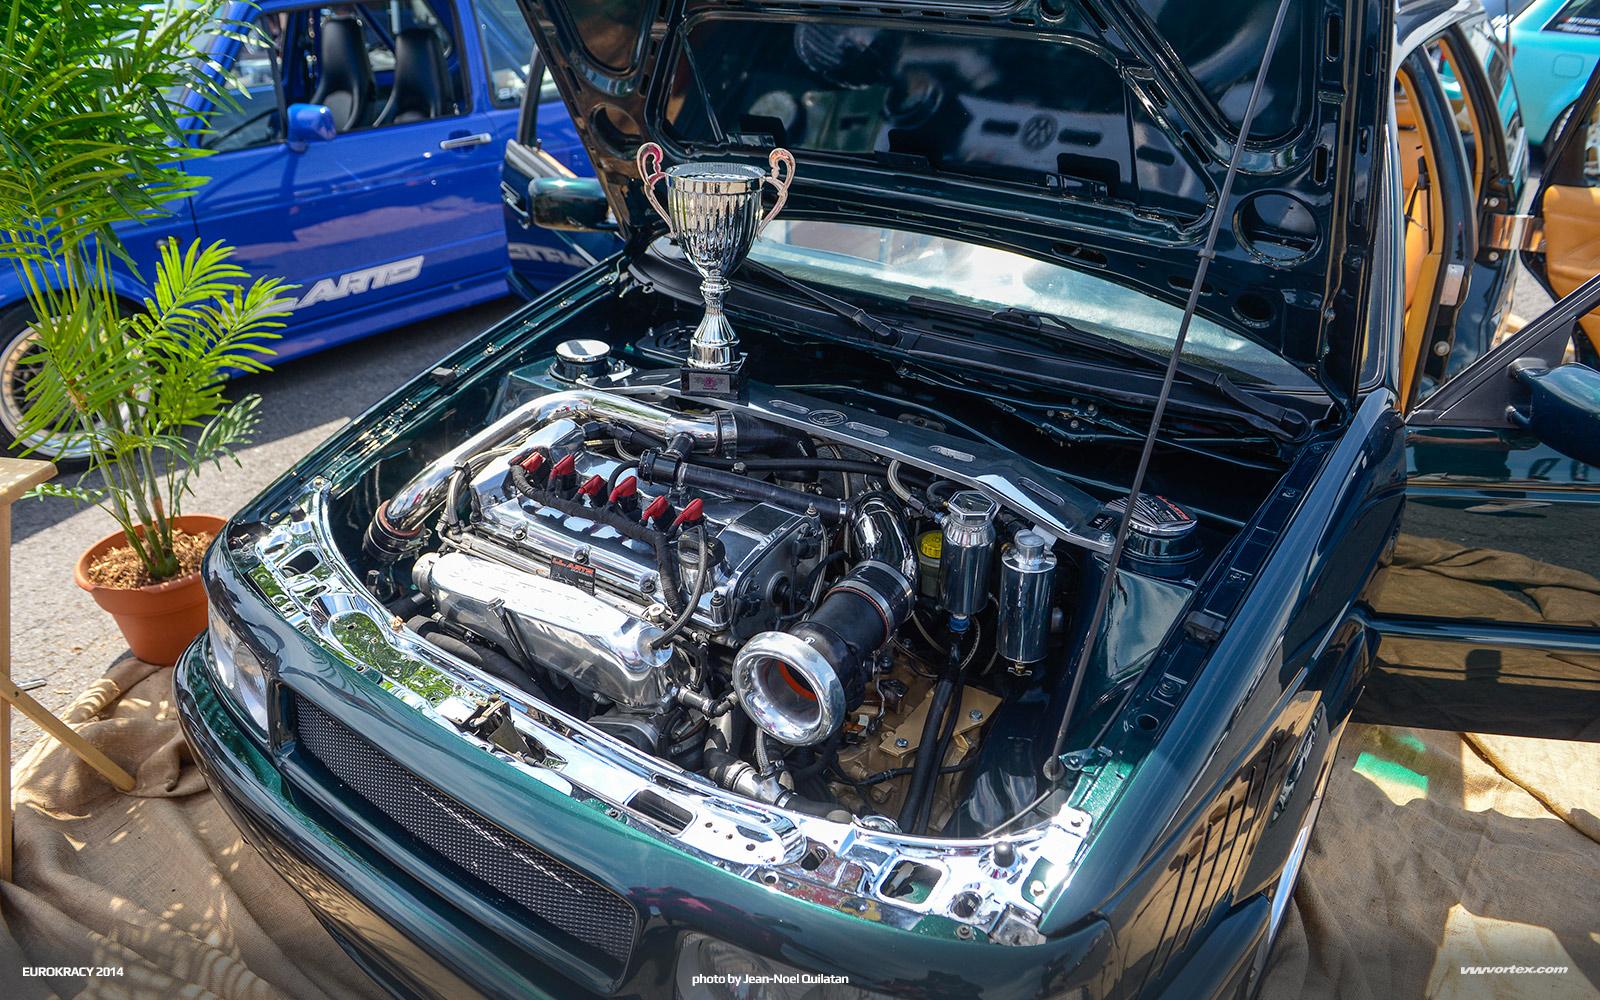 Audi AS5 Sportback A5 S5 Abt Sportsline Dark 728 110x60 photo